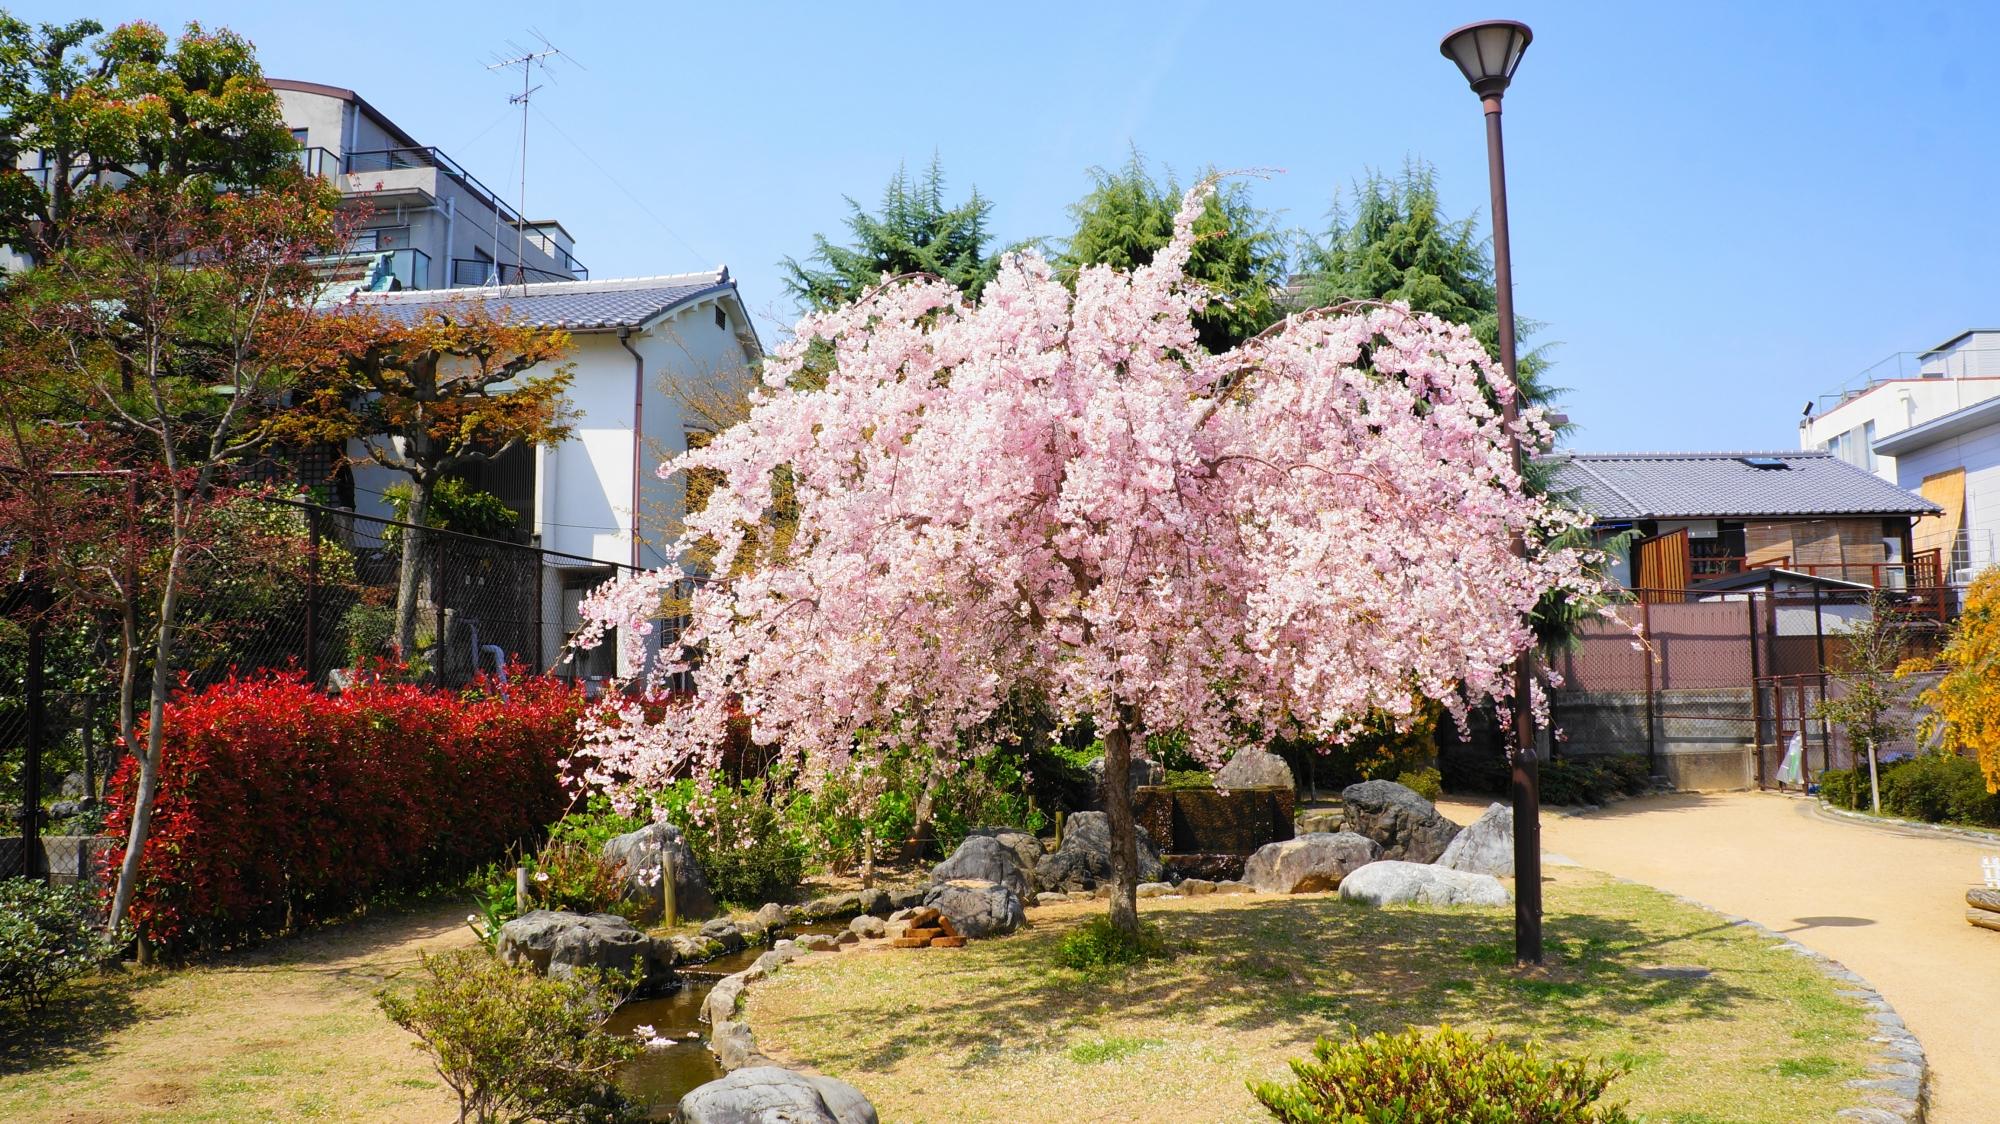 首途八幡宮の隣にある桜井公園の枝垂れ桜